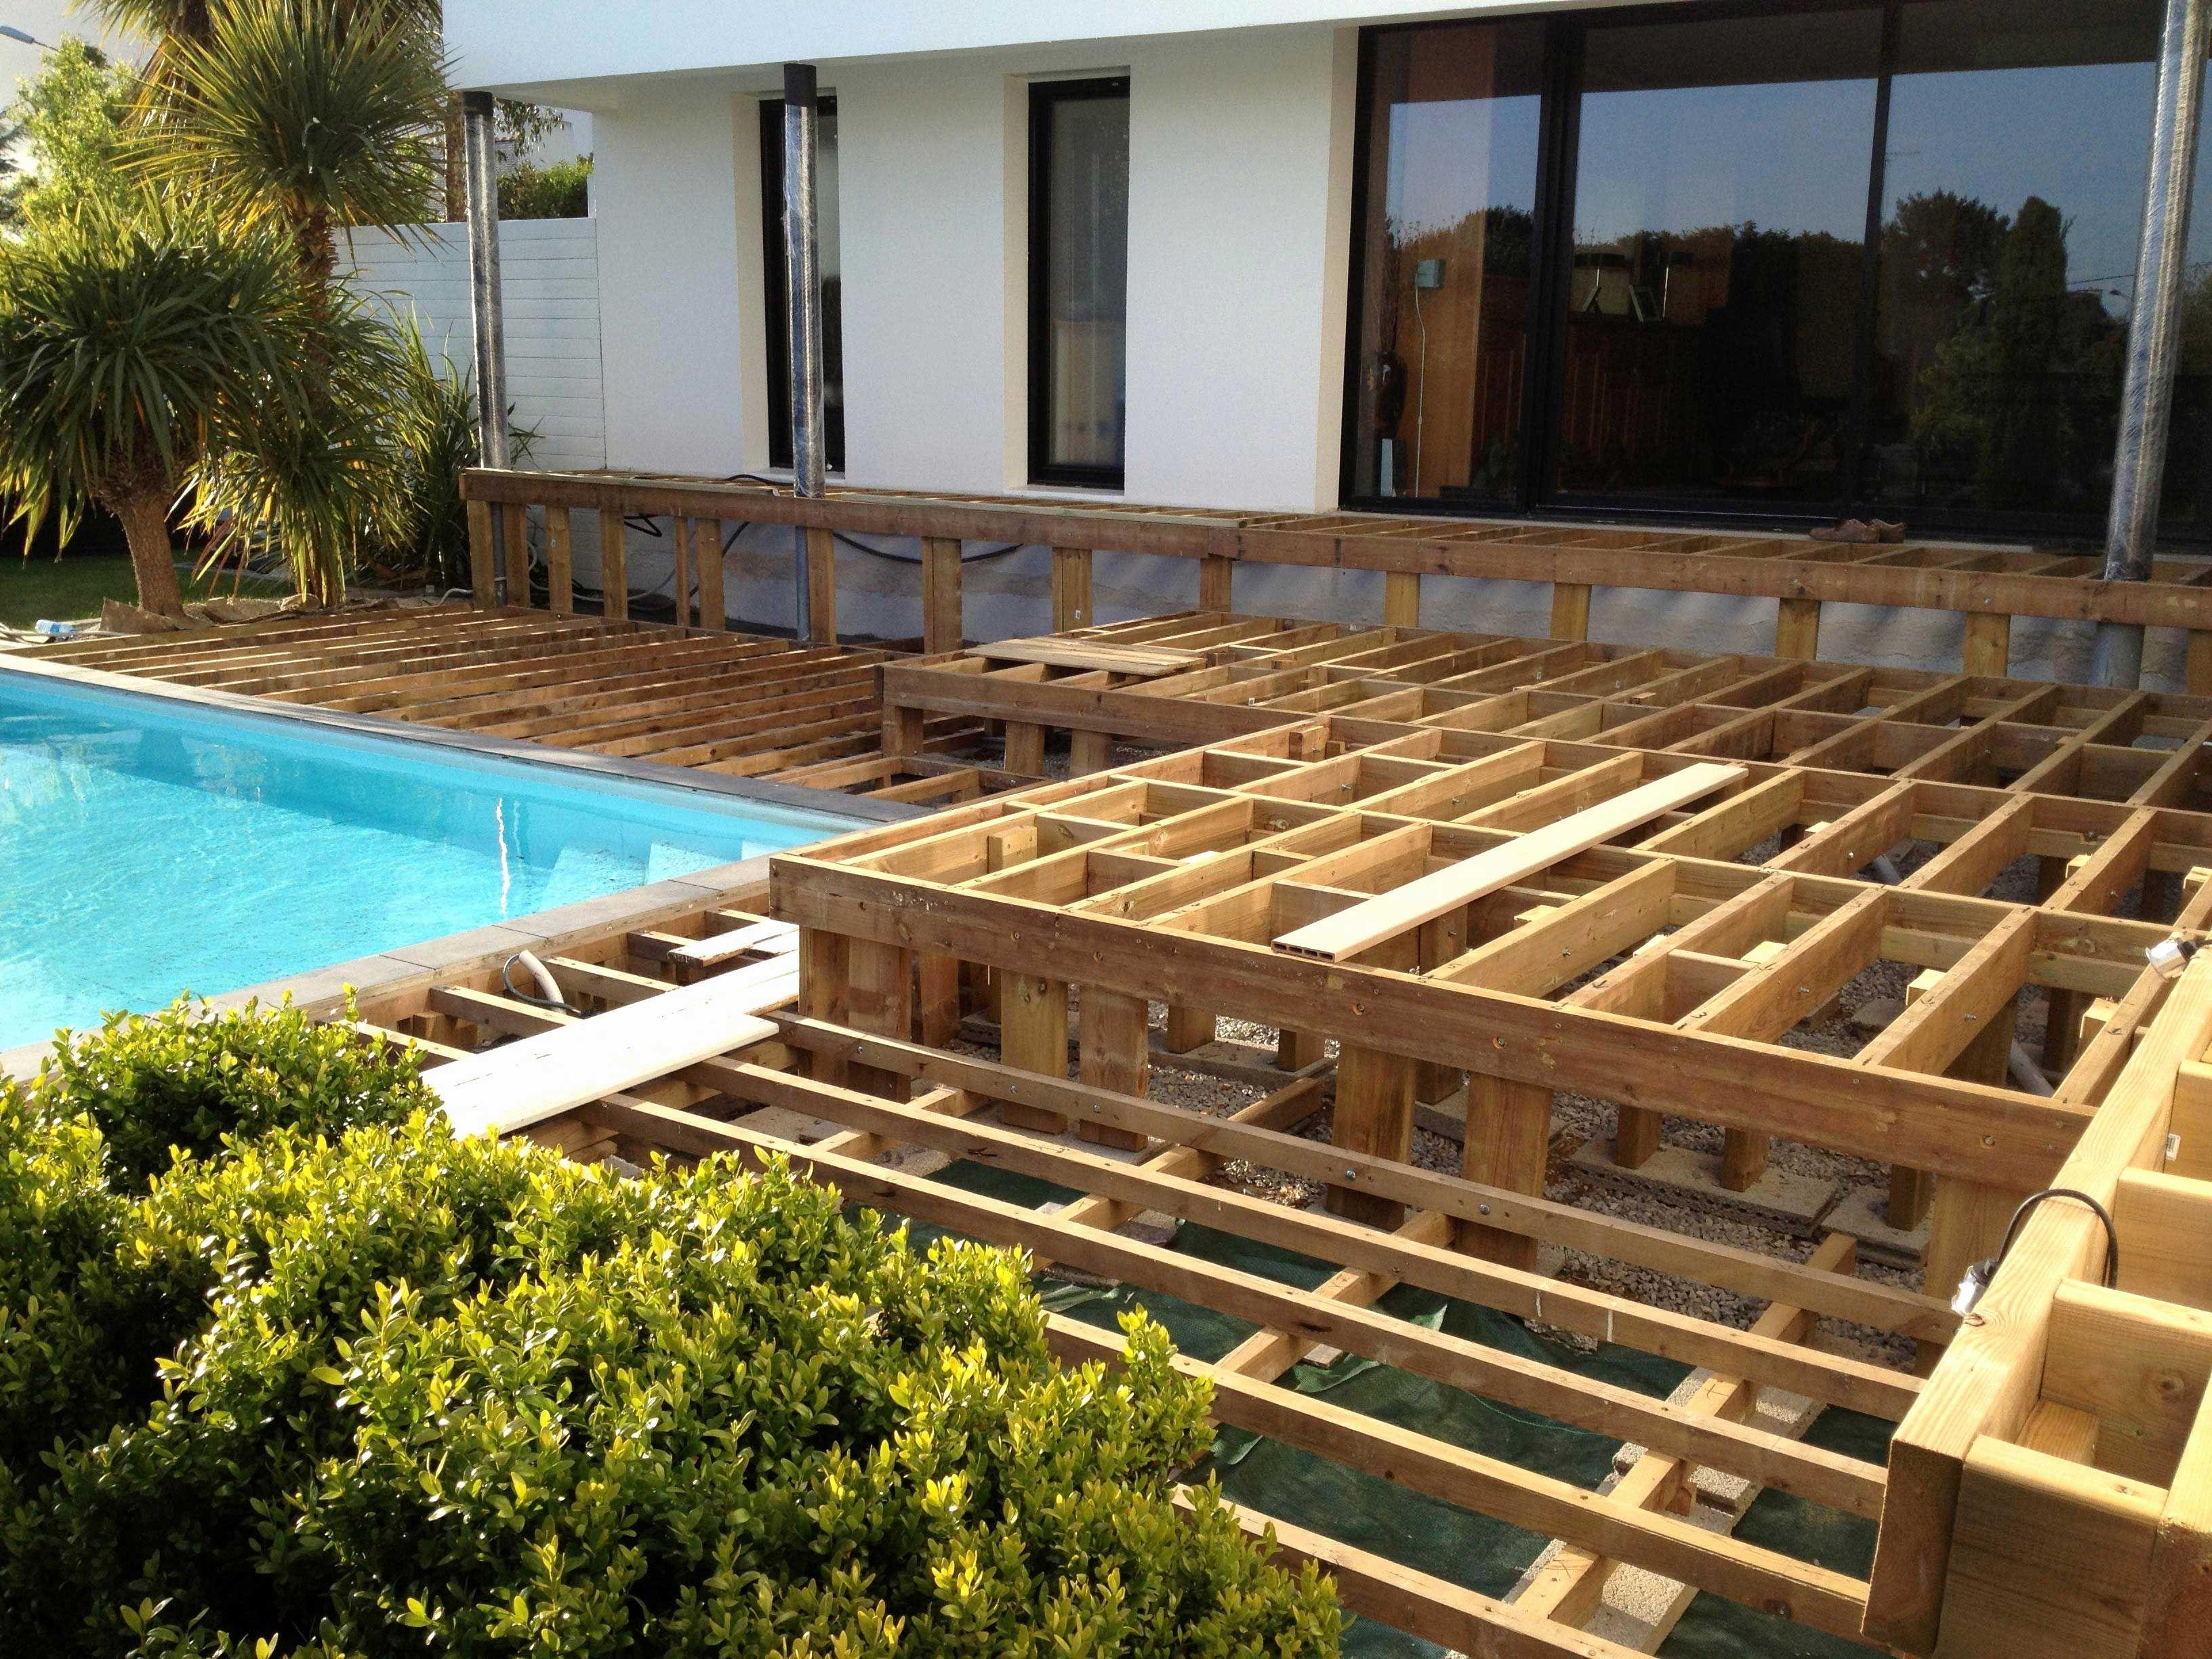 Leroy Merlin Terrace Slab Inspiring Wood Slabs Terrace Plots Wooden Terrace Terrass In In 2020